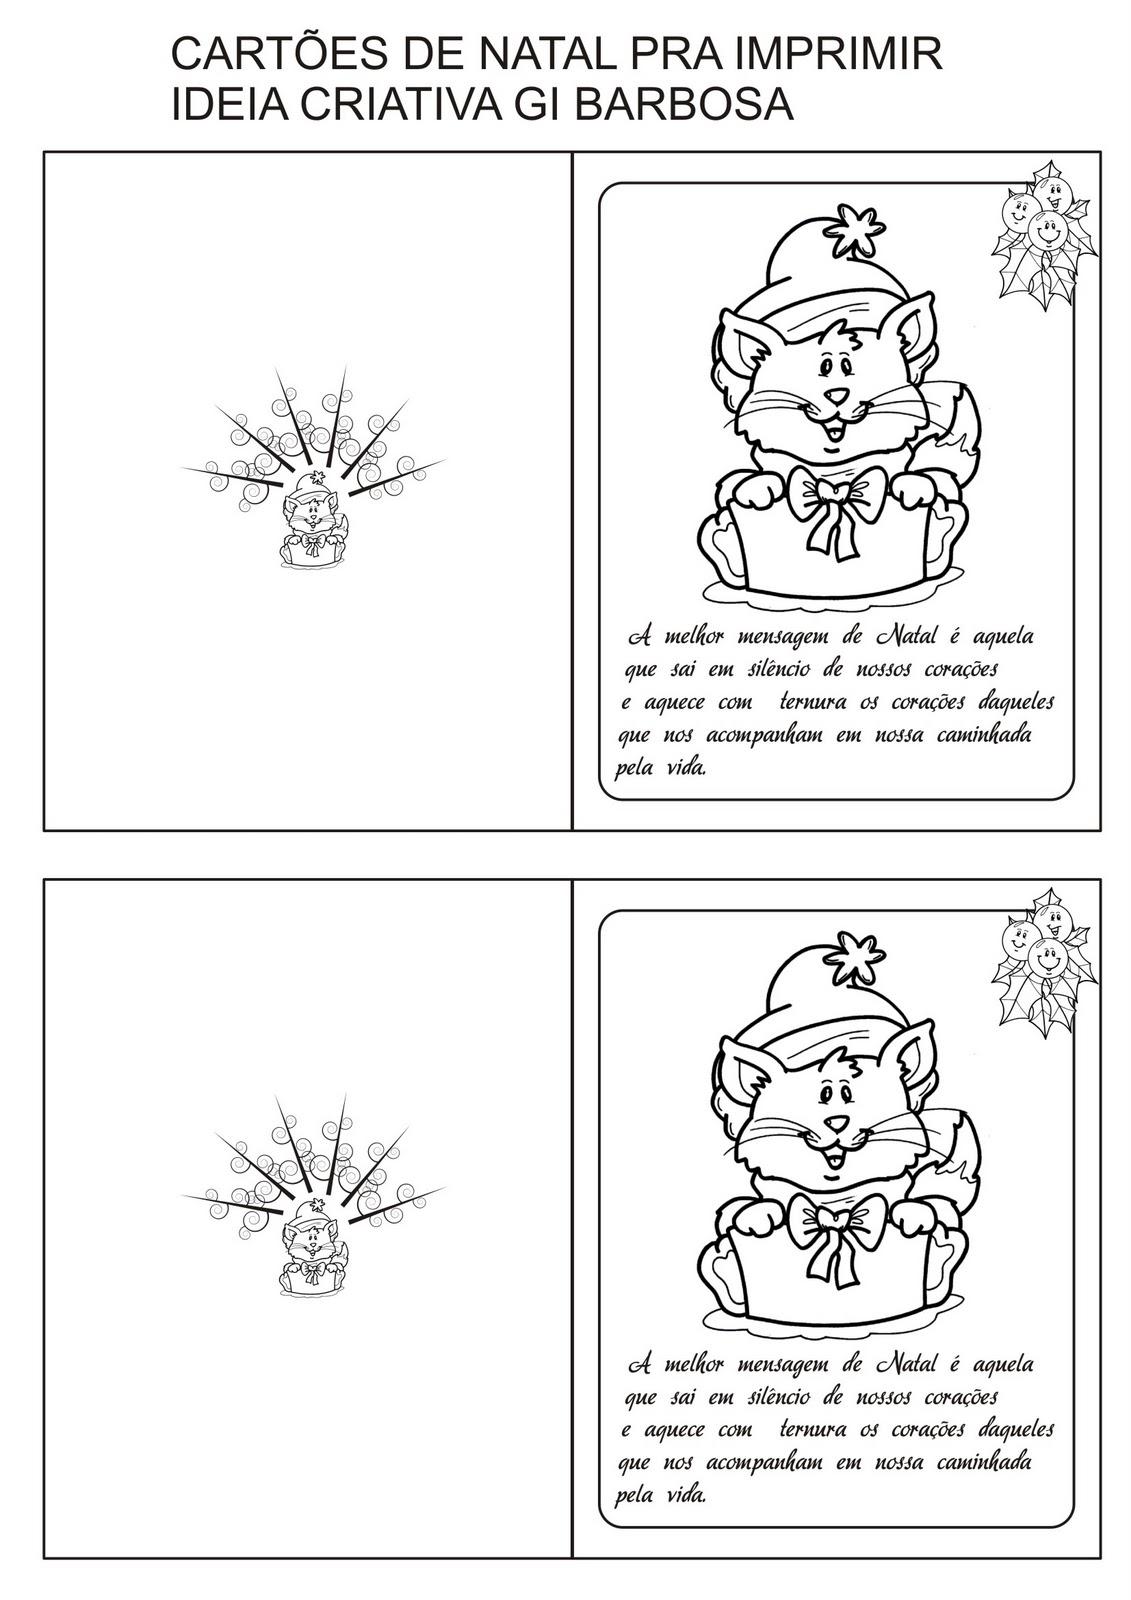 Cartões De Natal Com Frase Pra Colorir E Imprimir Ideia Criativa